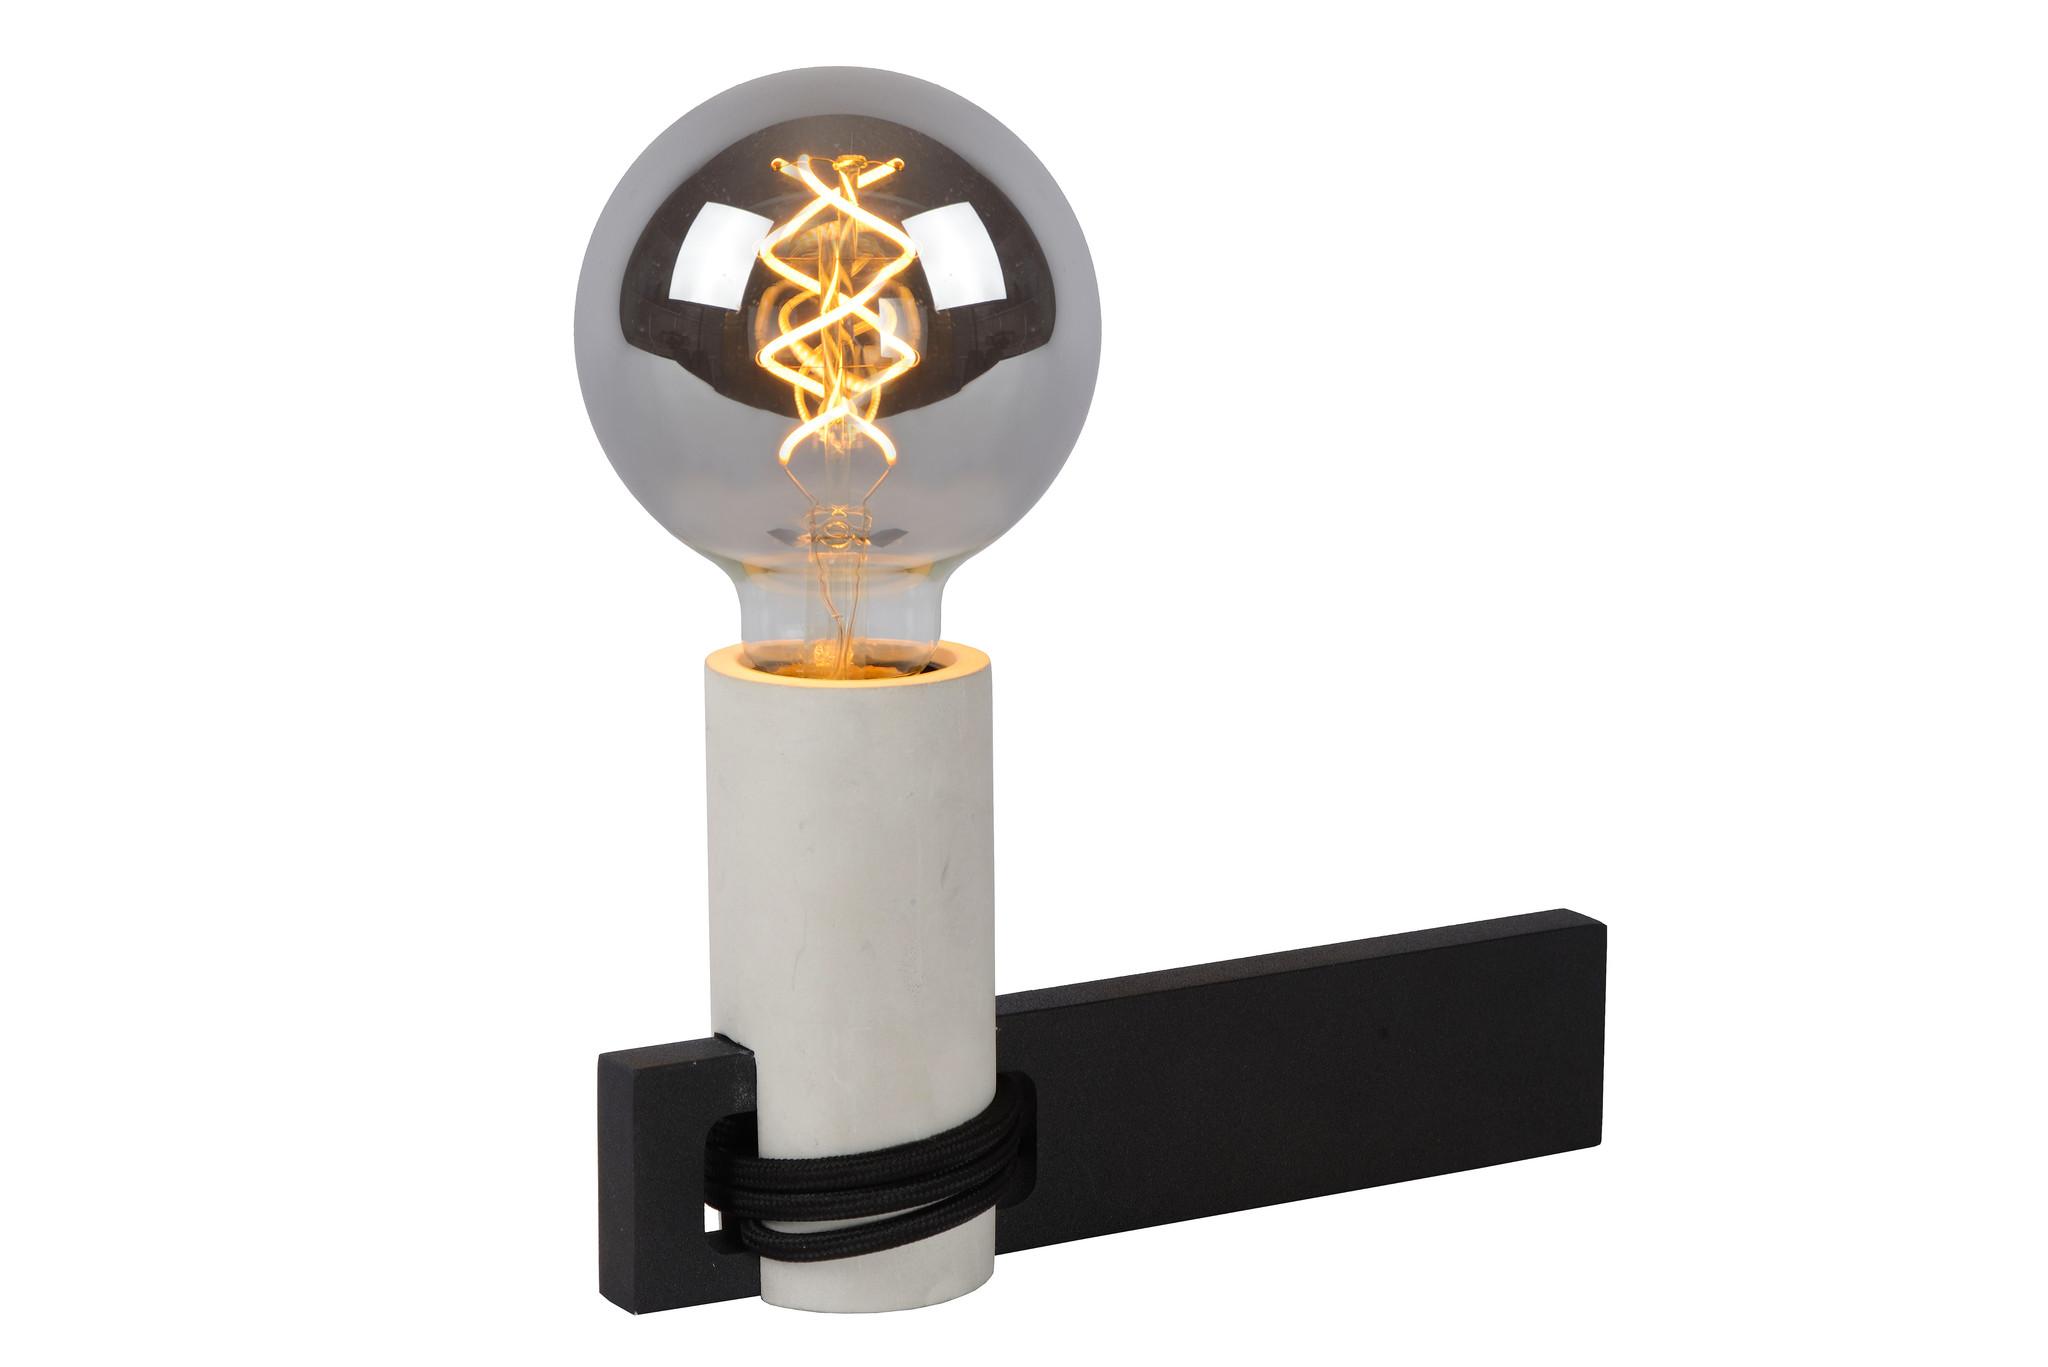 Lucide TANNER Tafellamp-Zwart-1xE27-60W-Alumin.